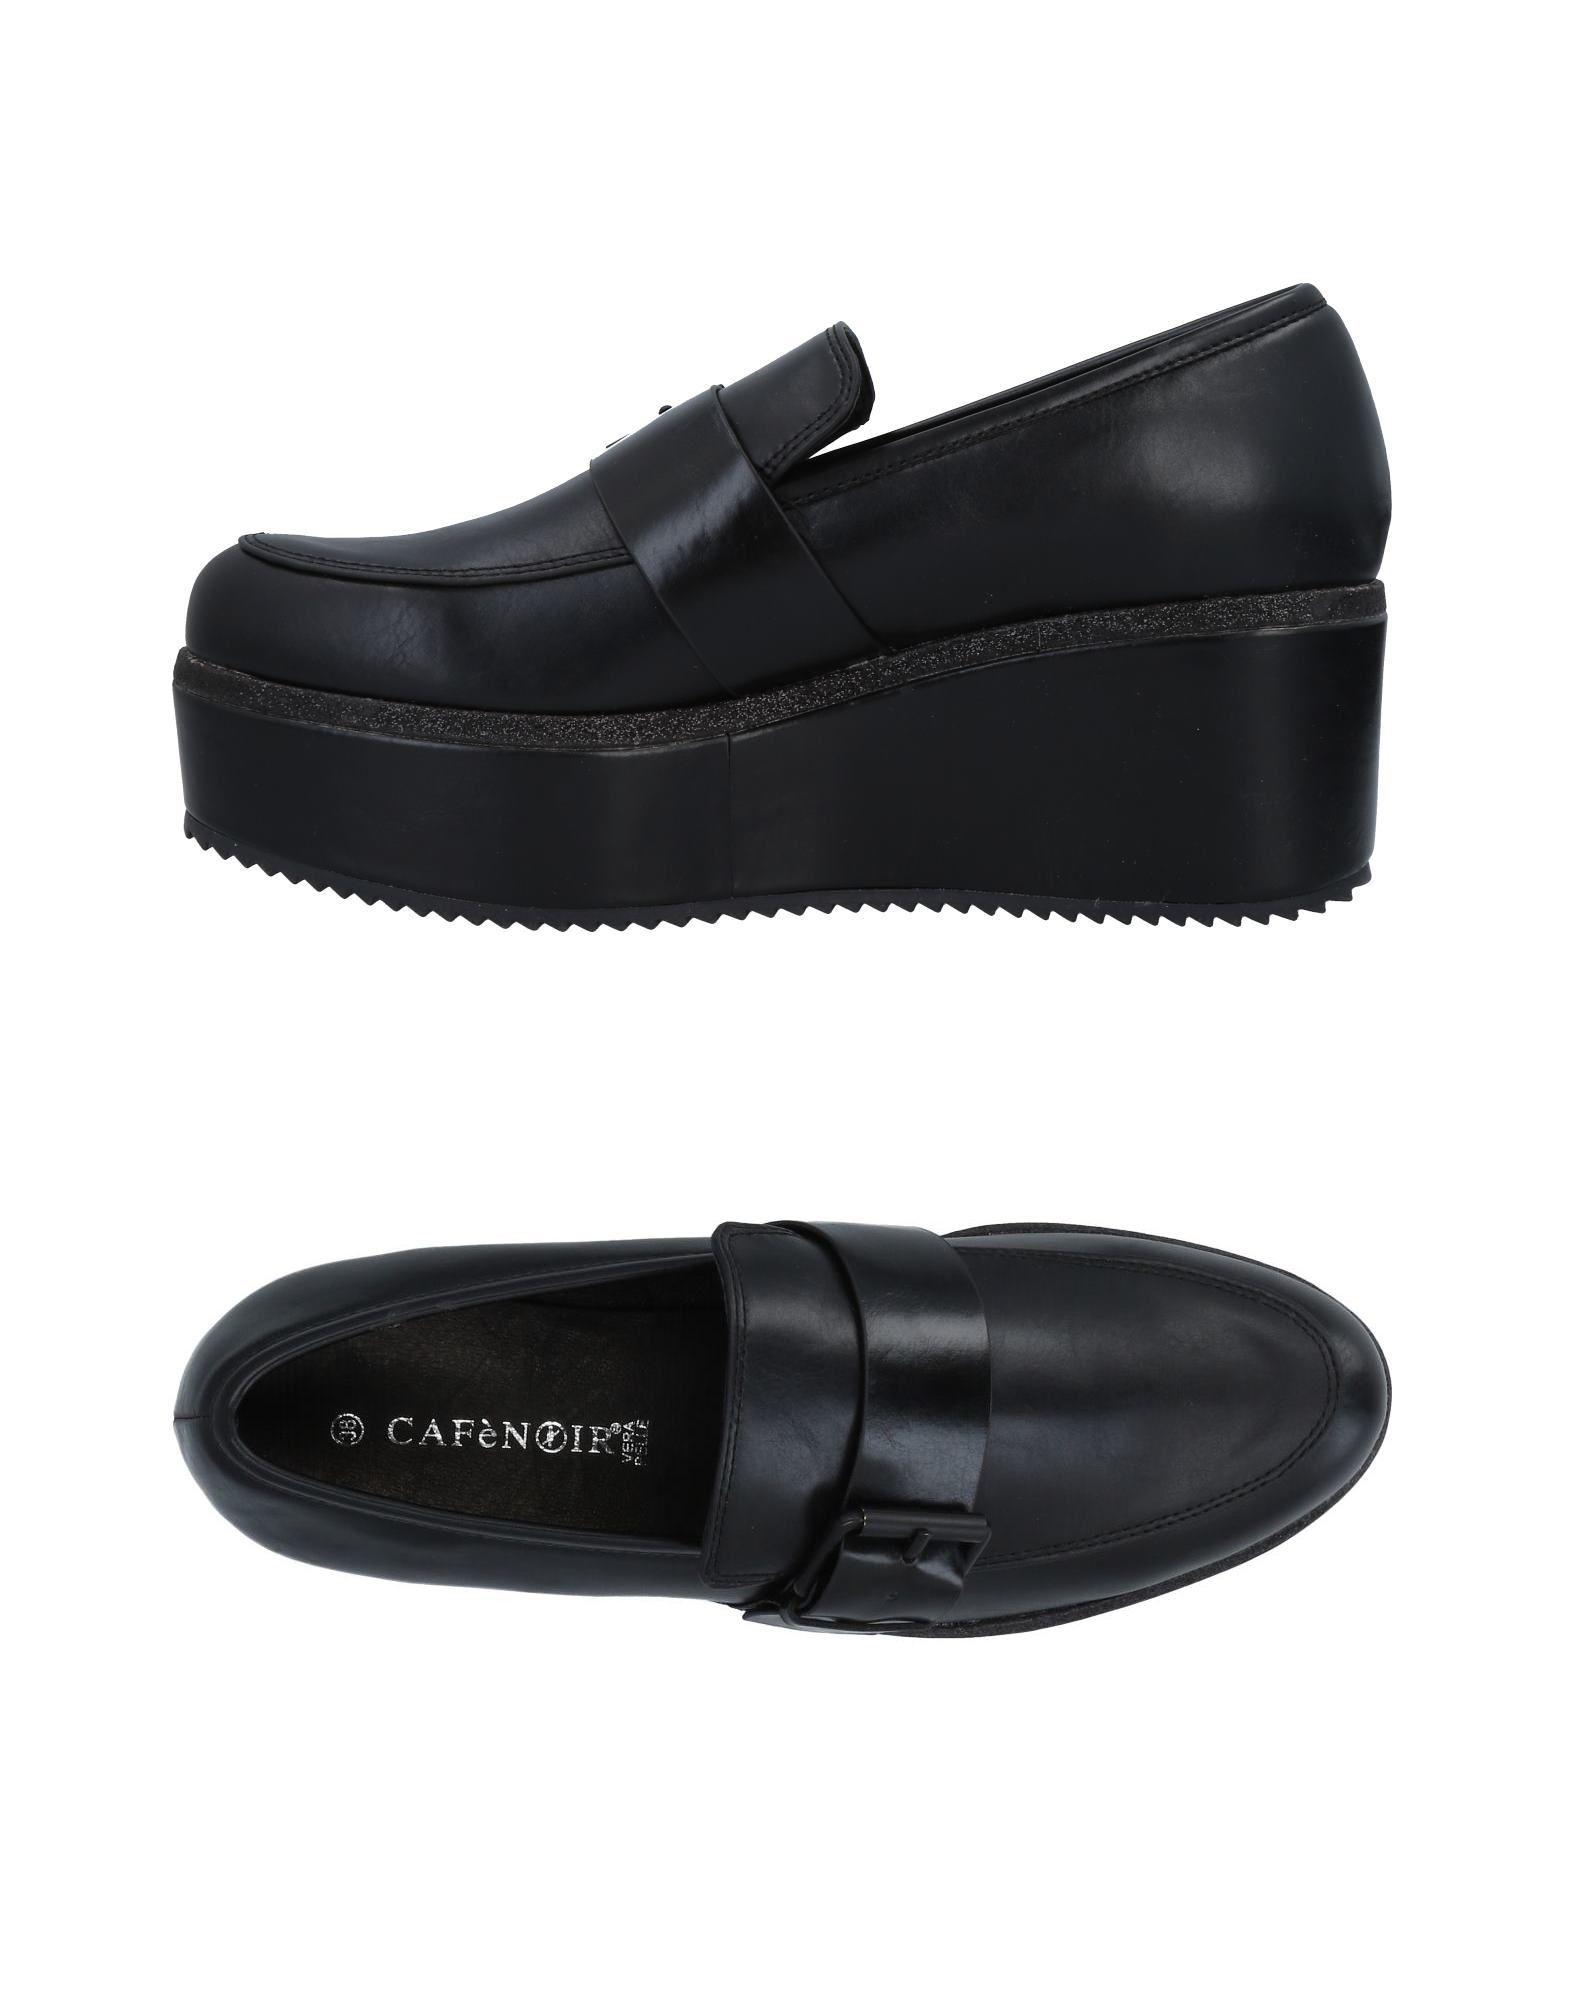 Cafènoir Mokassins Damen  11478266TI Gute Qualität beliebte Schuhe